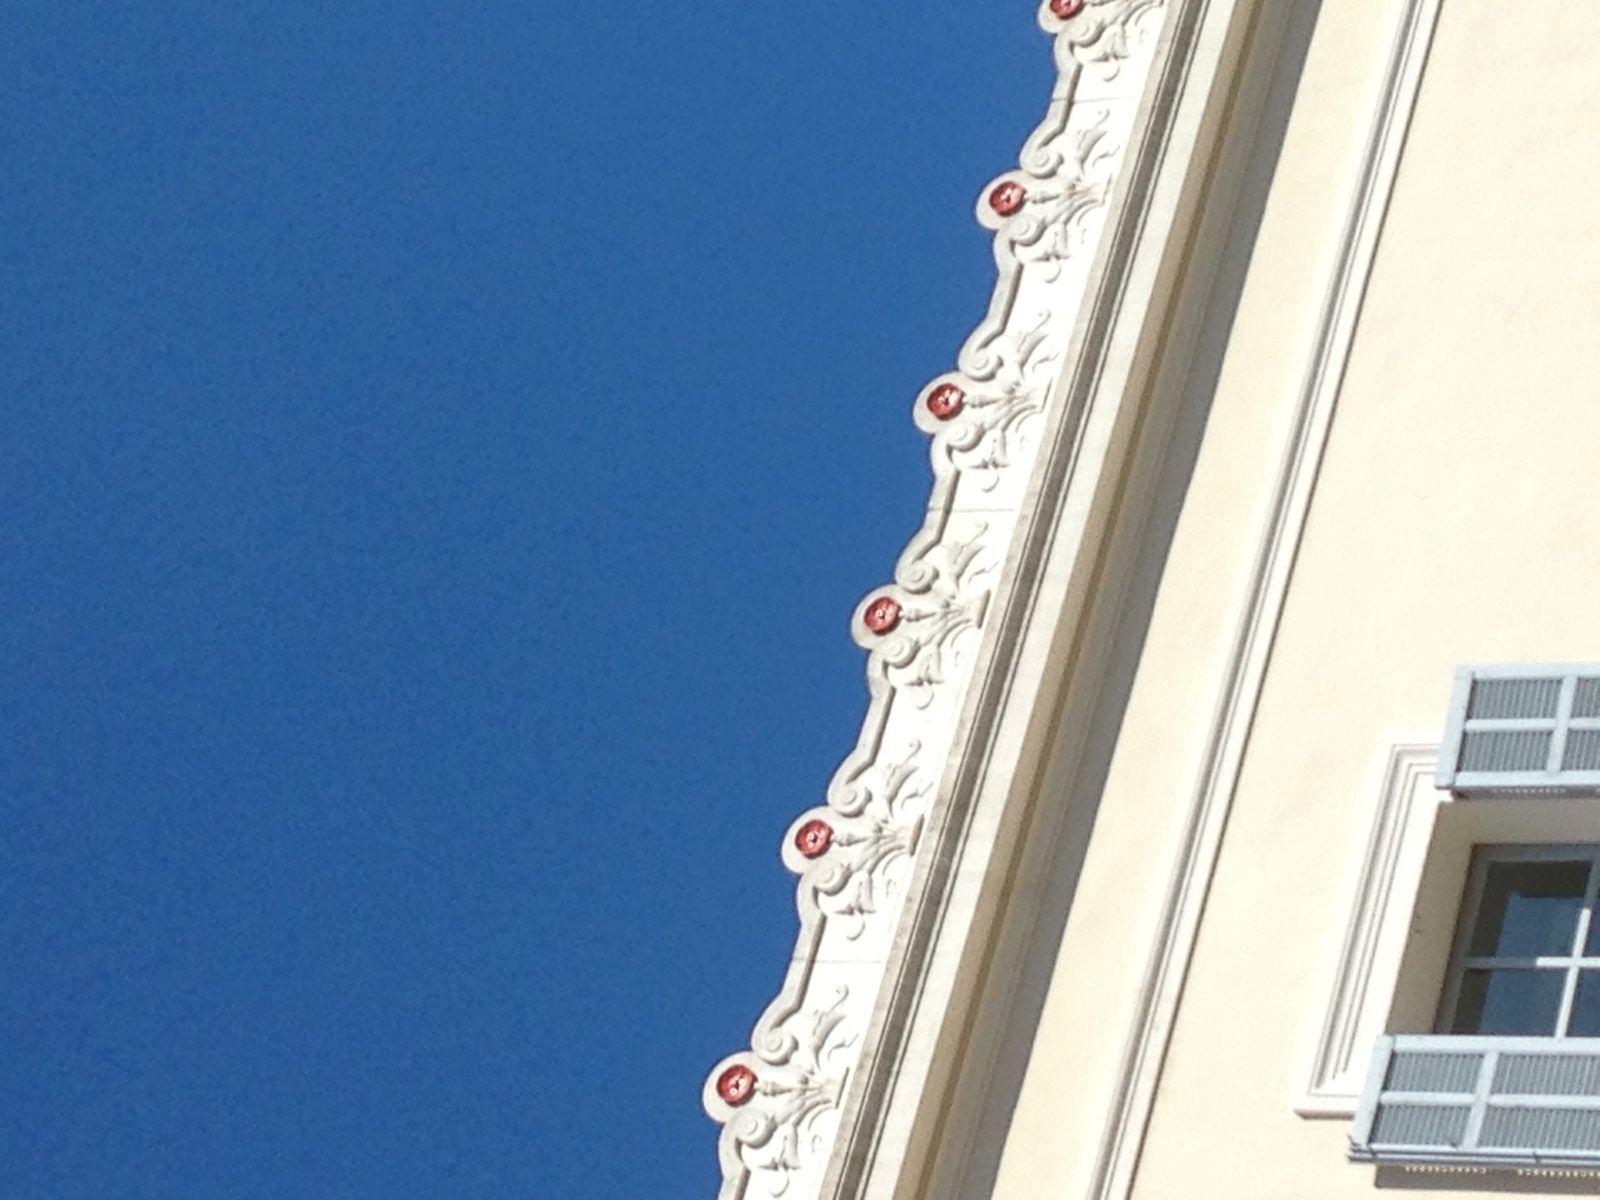 4ème et 7ème photo : L'Homme au mouton oeuvre de Picasso offert à la ville de Vallauris ;  8ème photo : la  tombe de Jean Marais             tombe de Jean Marais au vieux cimetière de Vallauris